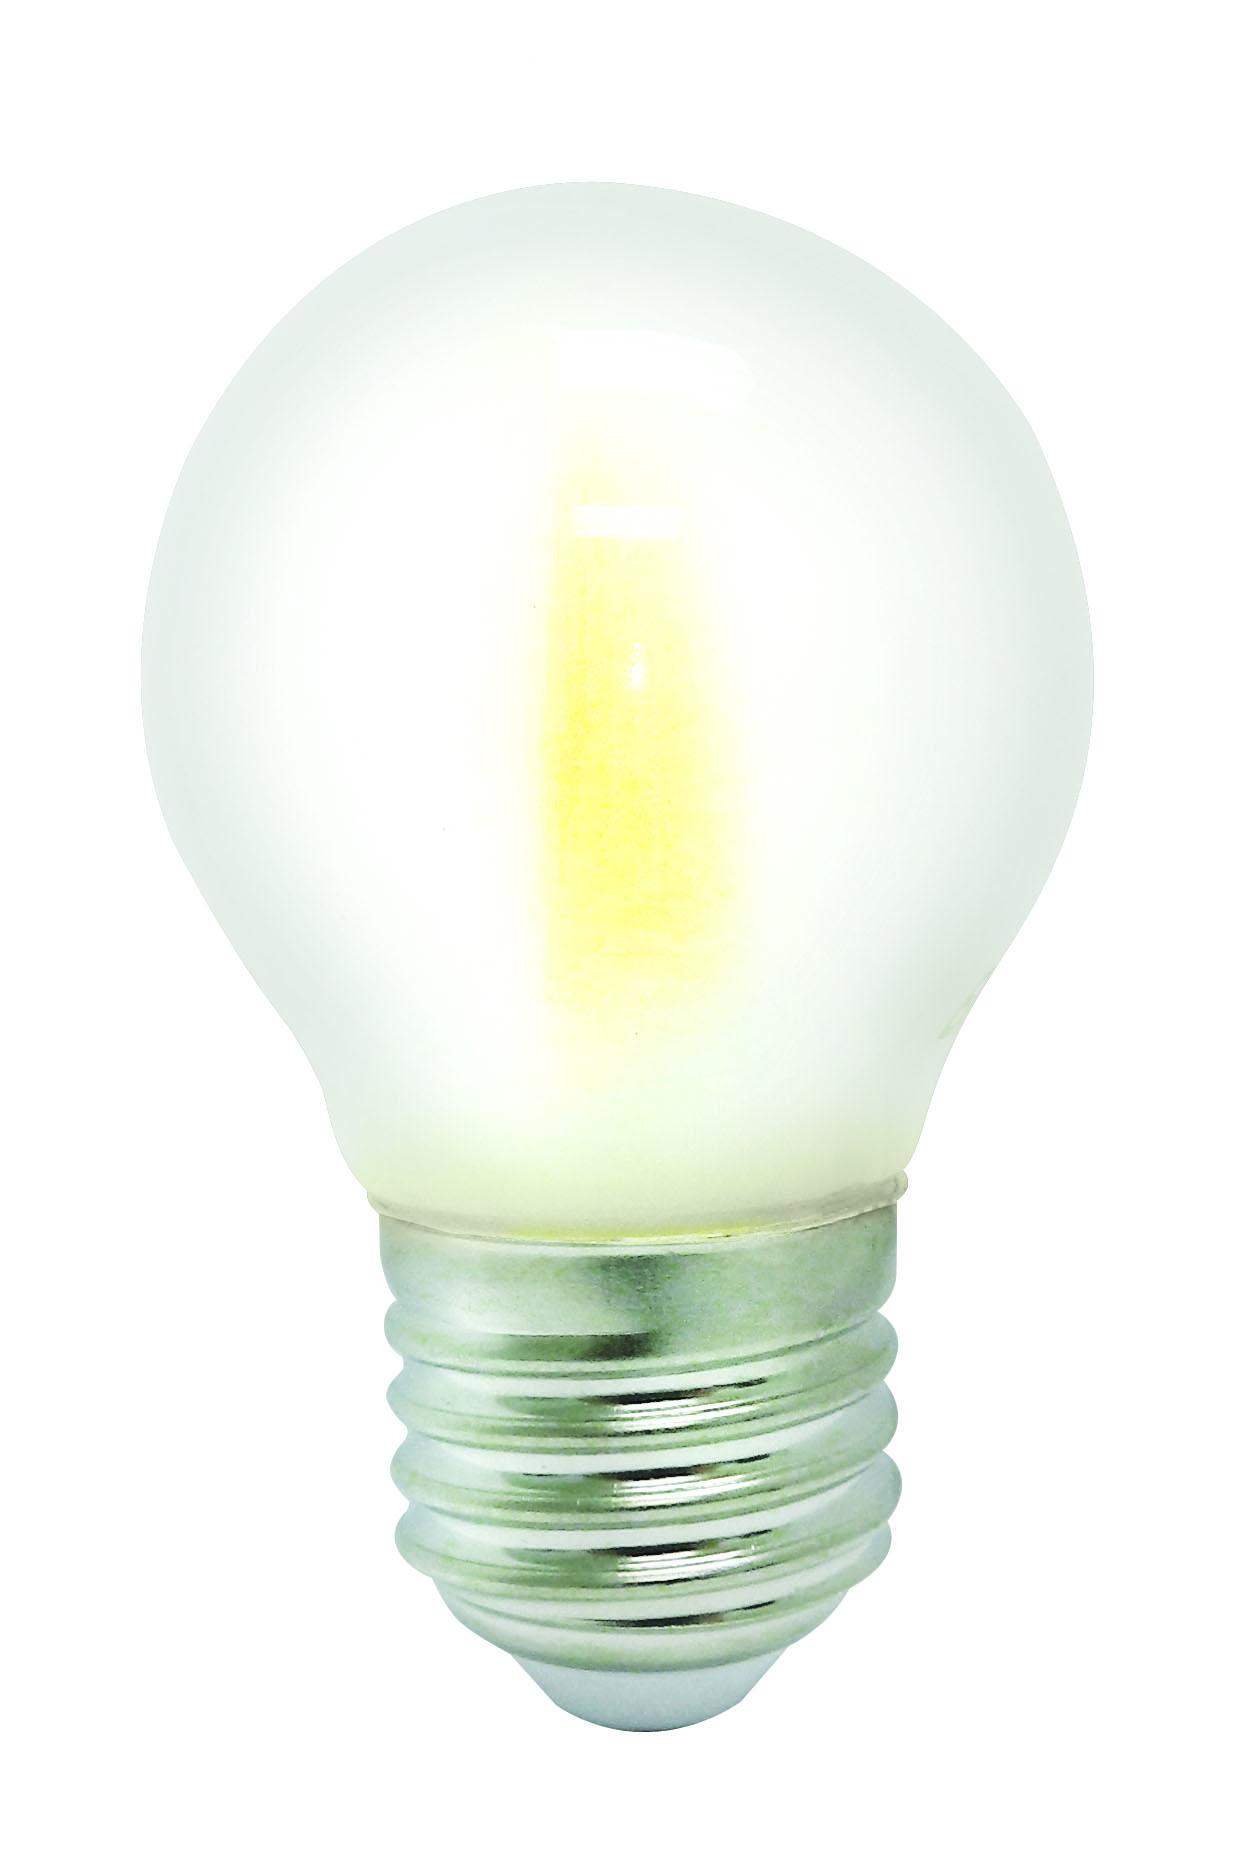 Светодиодная лампа VKlux BK-27W5G45 Frosted ШарСветодиодные лампы<br><br><br>Тип: светодиодная лампа<br>Тип цоколя: E27<br>Рабочее напряжение, В: 220<br>Мощность, Вт: 5<br>Мощность заменяемой лампы, Вт: 60<br>Световой поток, Лм: 450<br>Цветовая температура, K: 3000К<br>Угол раскрытия, °: 360<br>Гарантия, мес.: 24